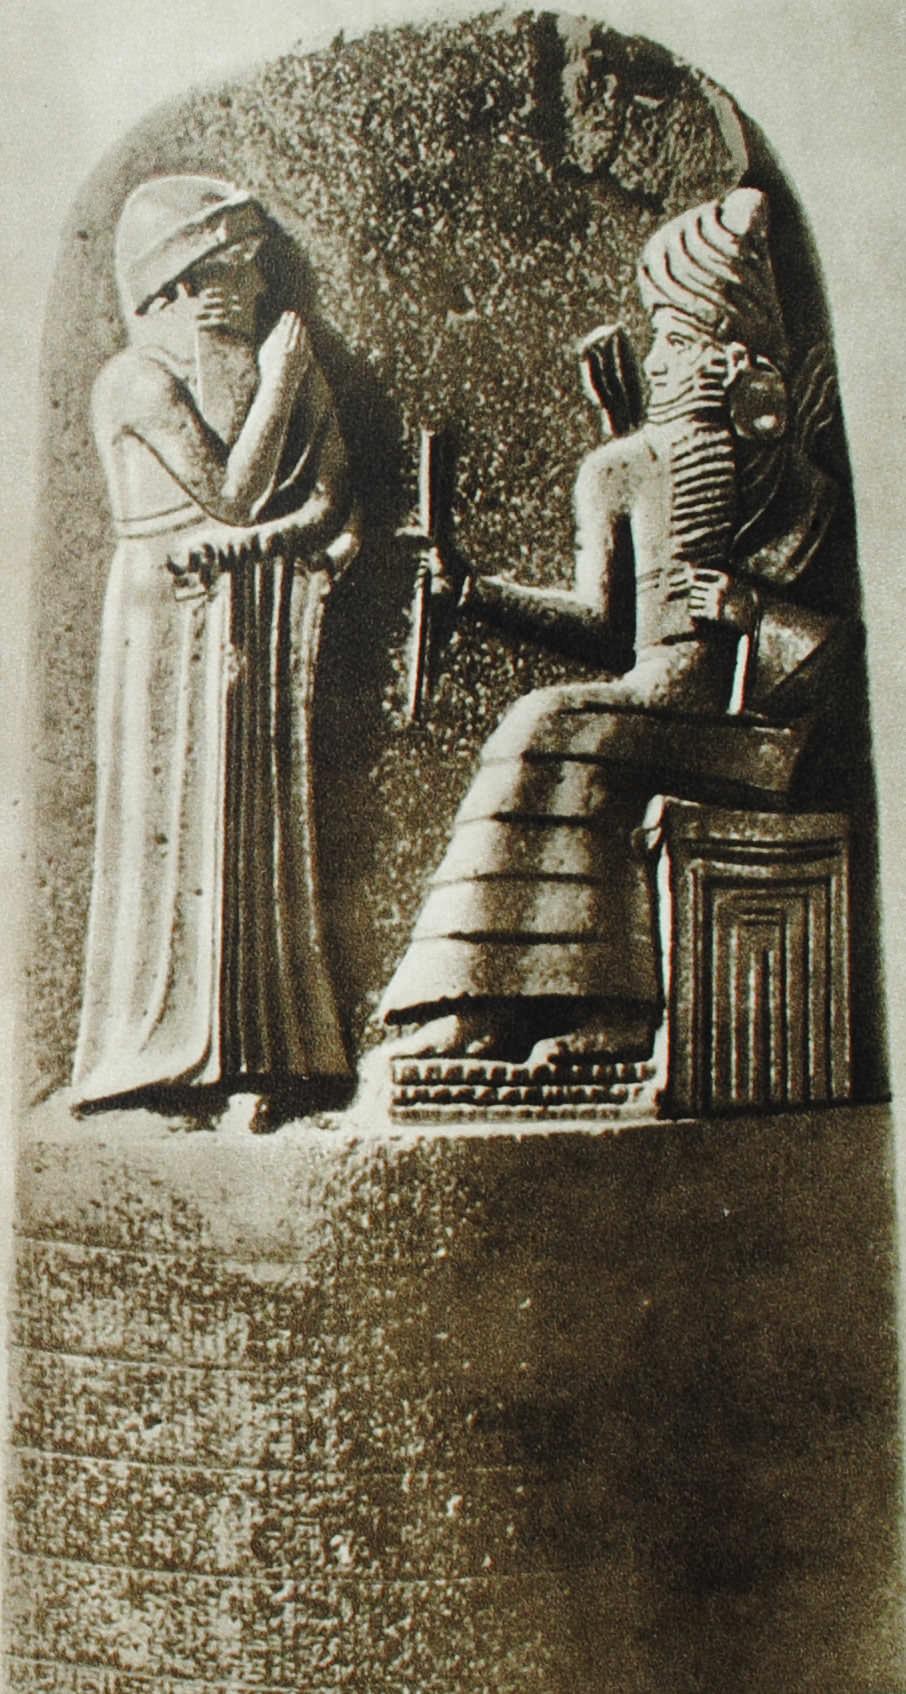 Верхняя чпсть столба с текстом законов вавилонского царя Хаммурапи. Найден в Сузах. XVIII в. до н.э. Базальт